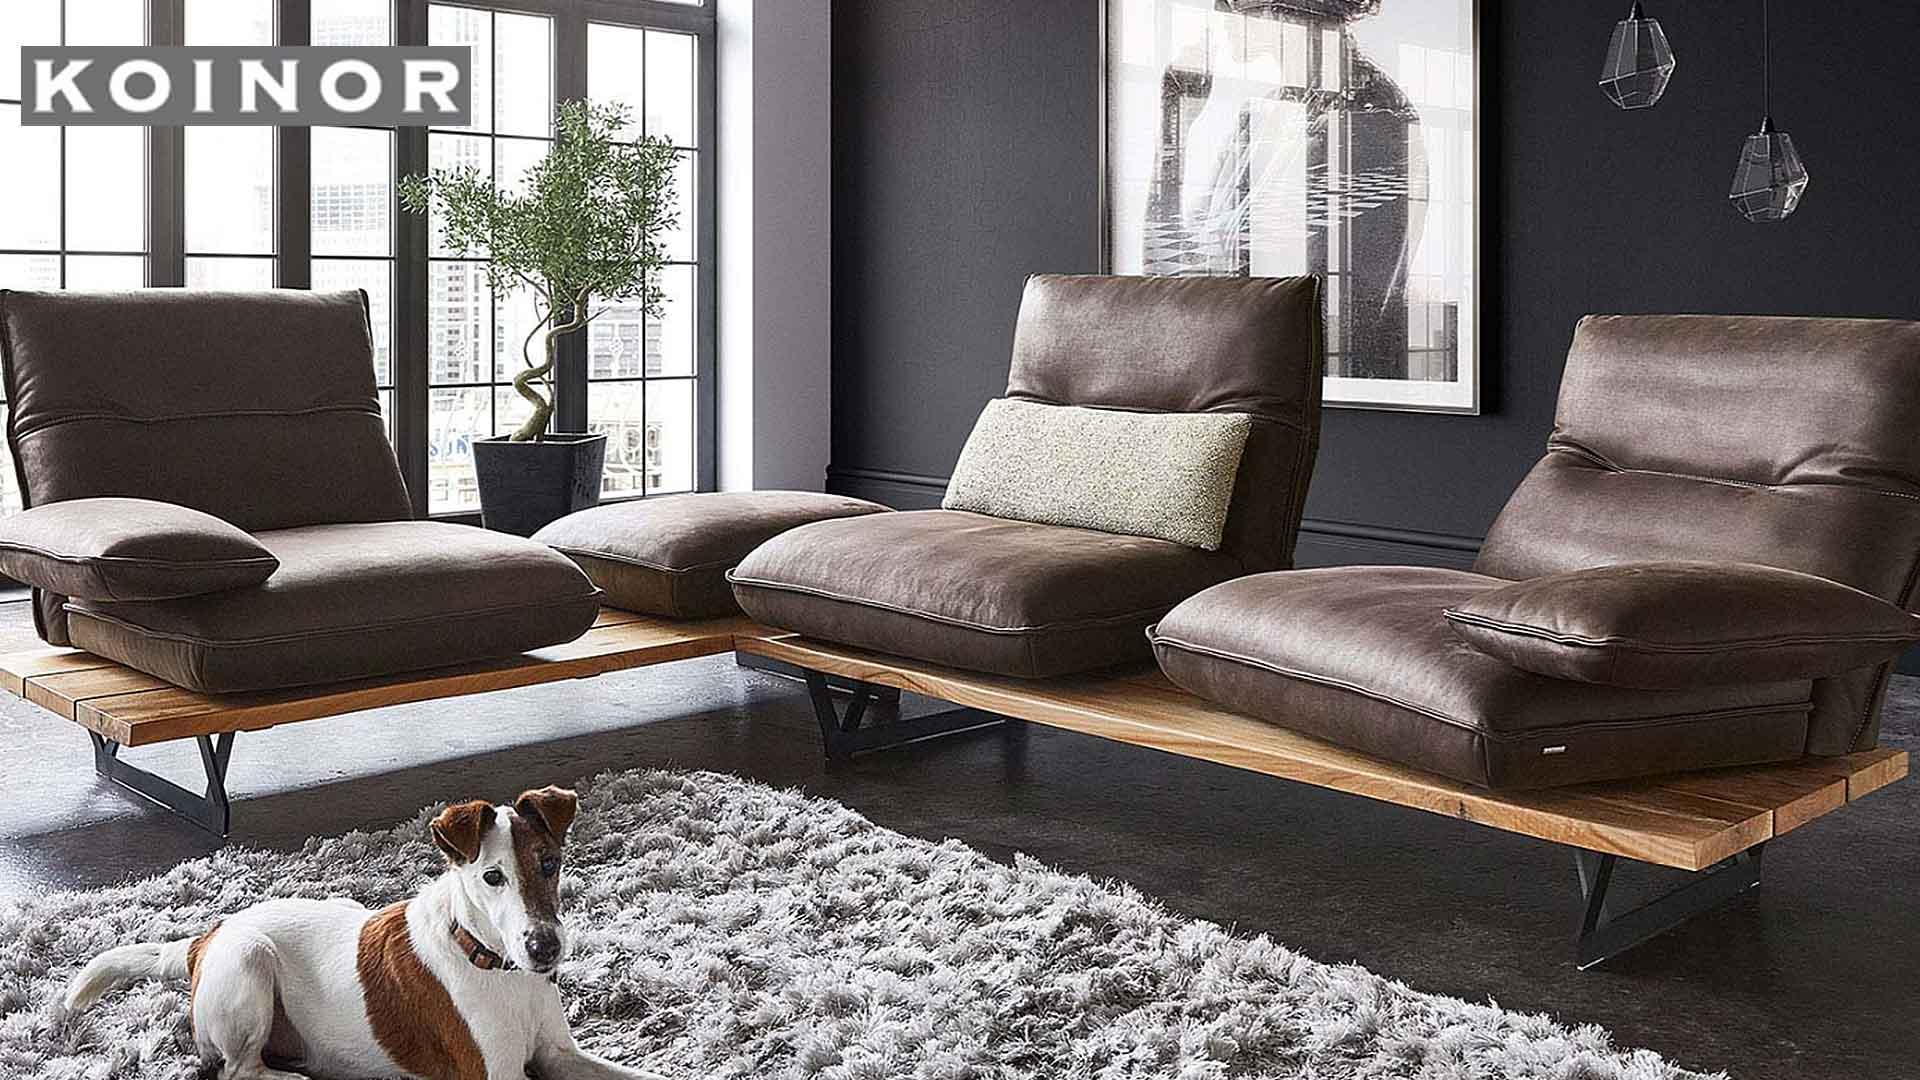 ドイツの高級ブランド家具、コイノールのソファ、マンソンの画像